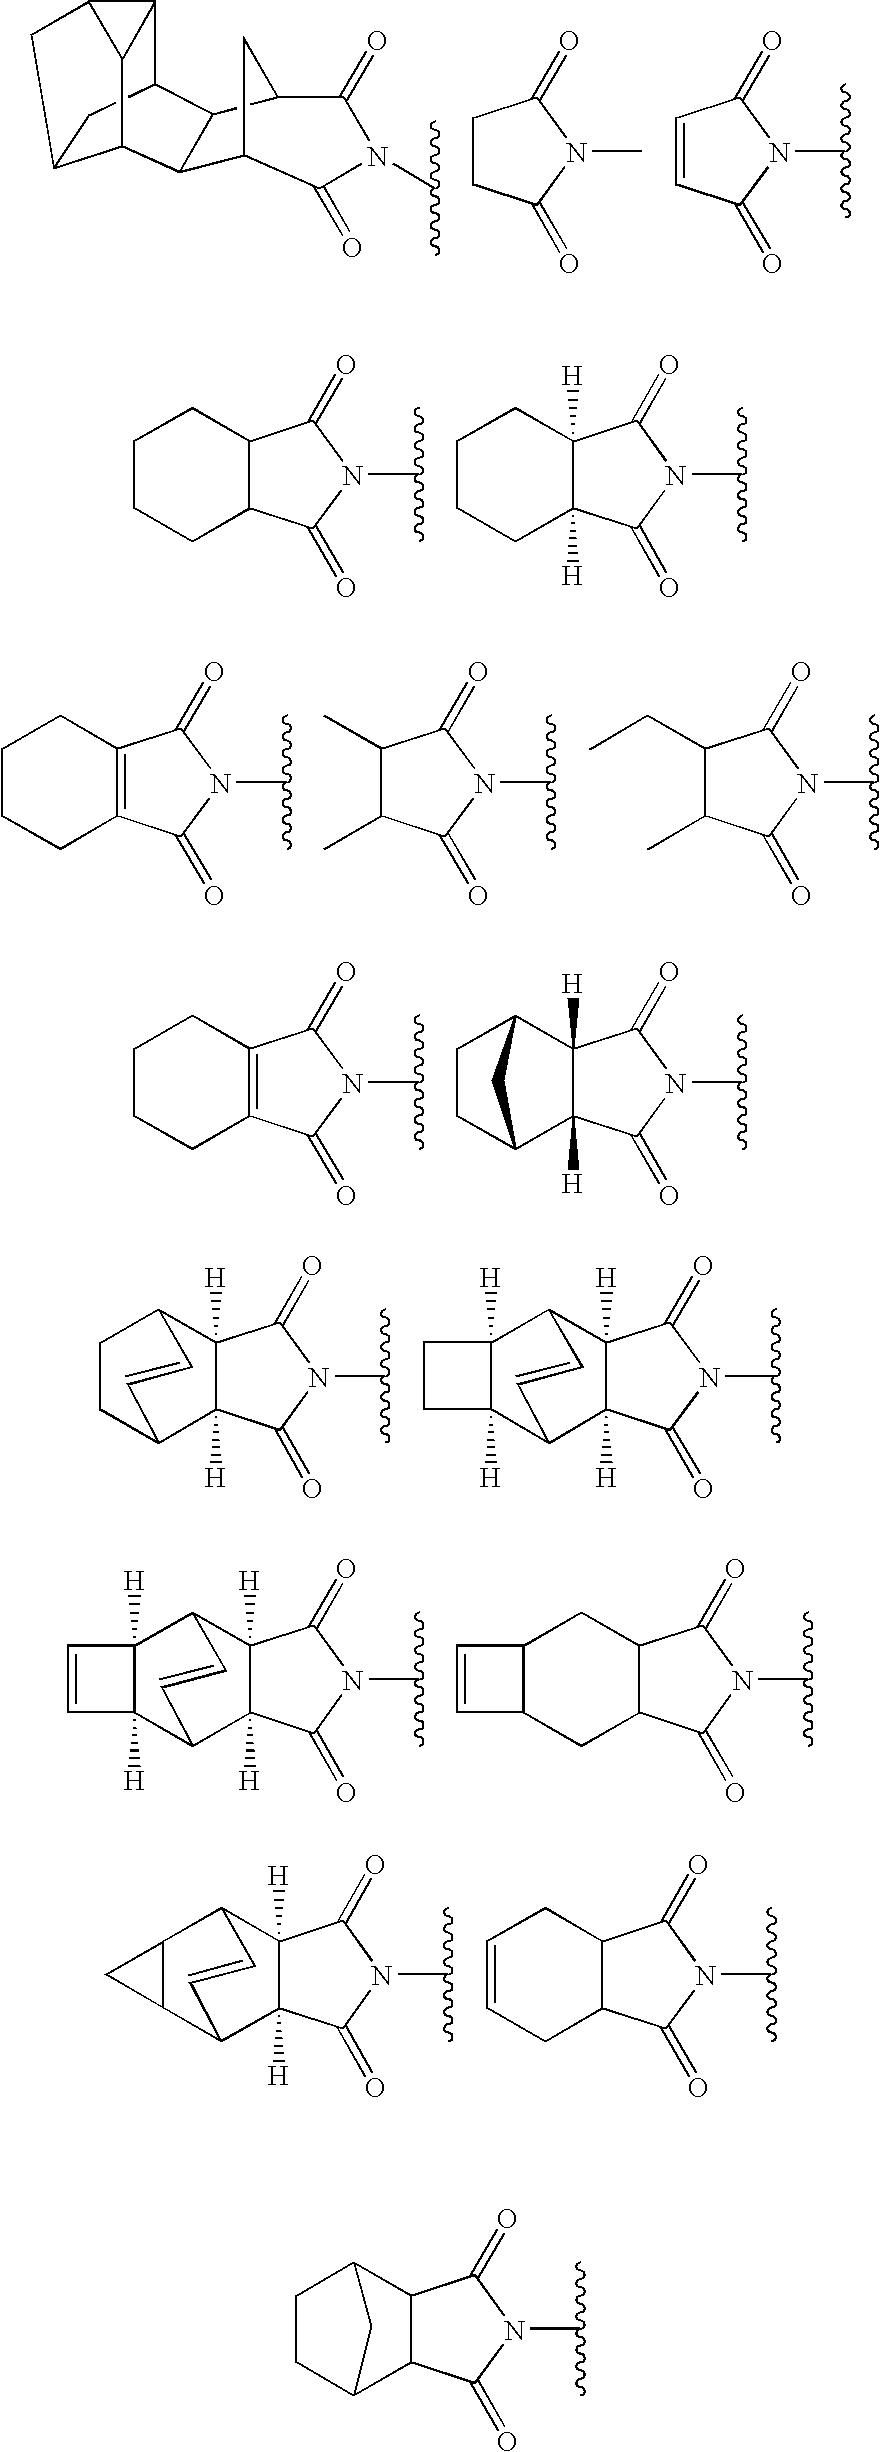 Figure US20100009983A1-20100114-C00031